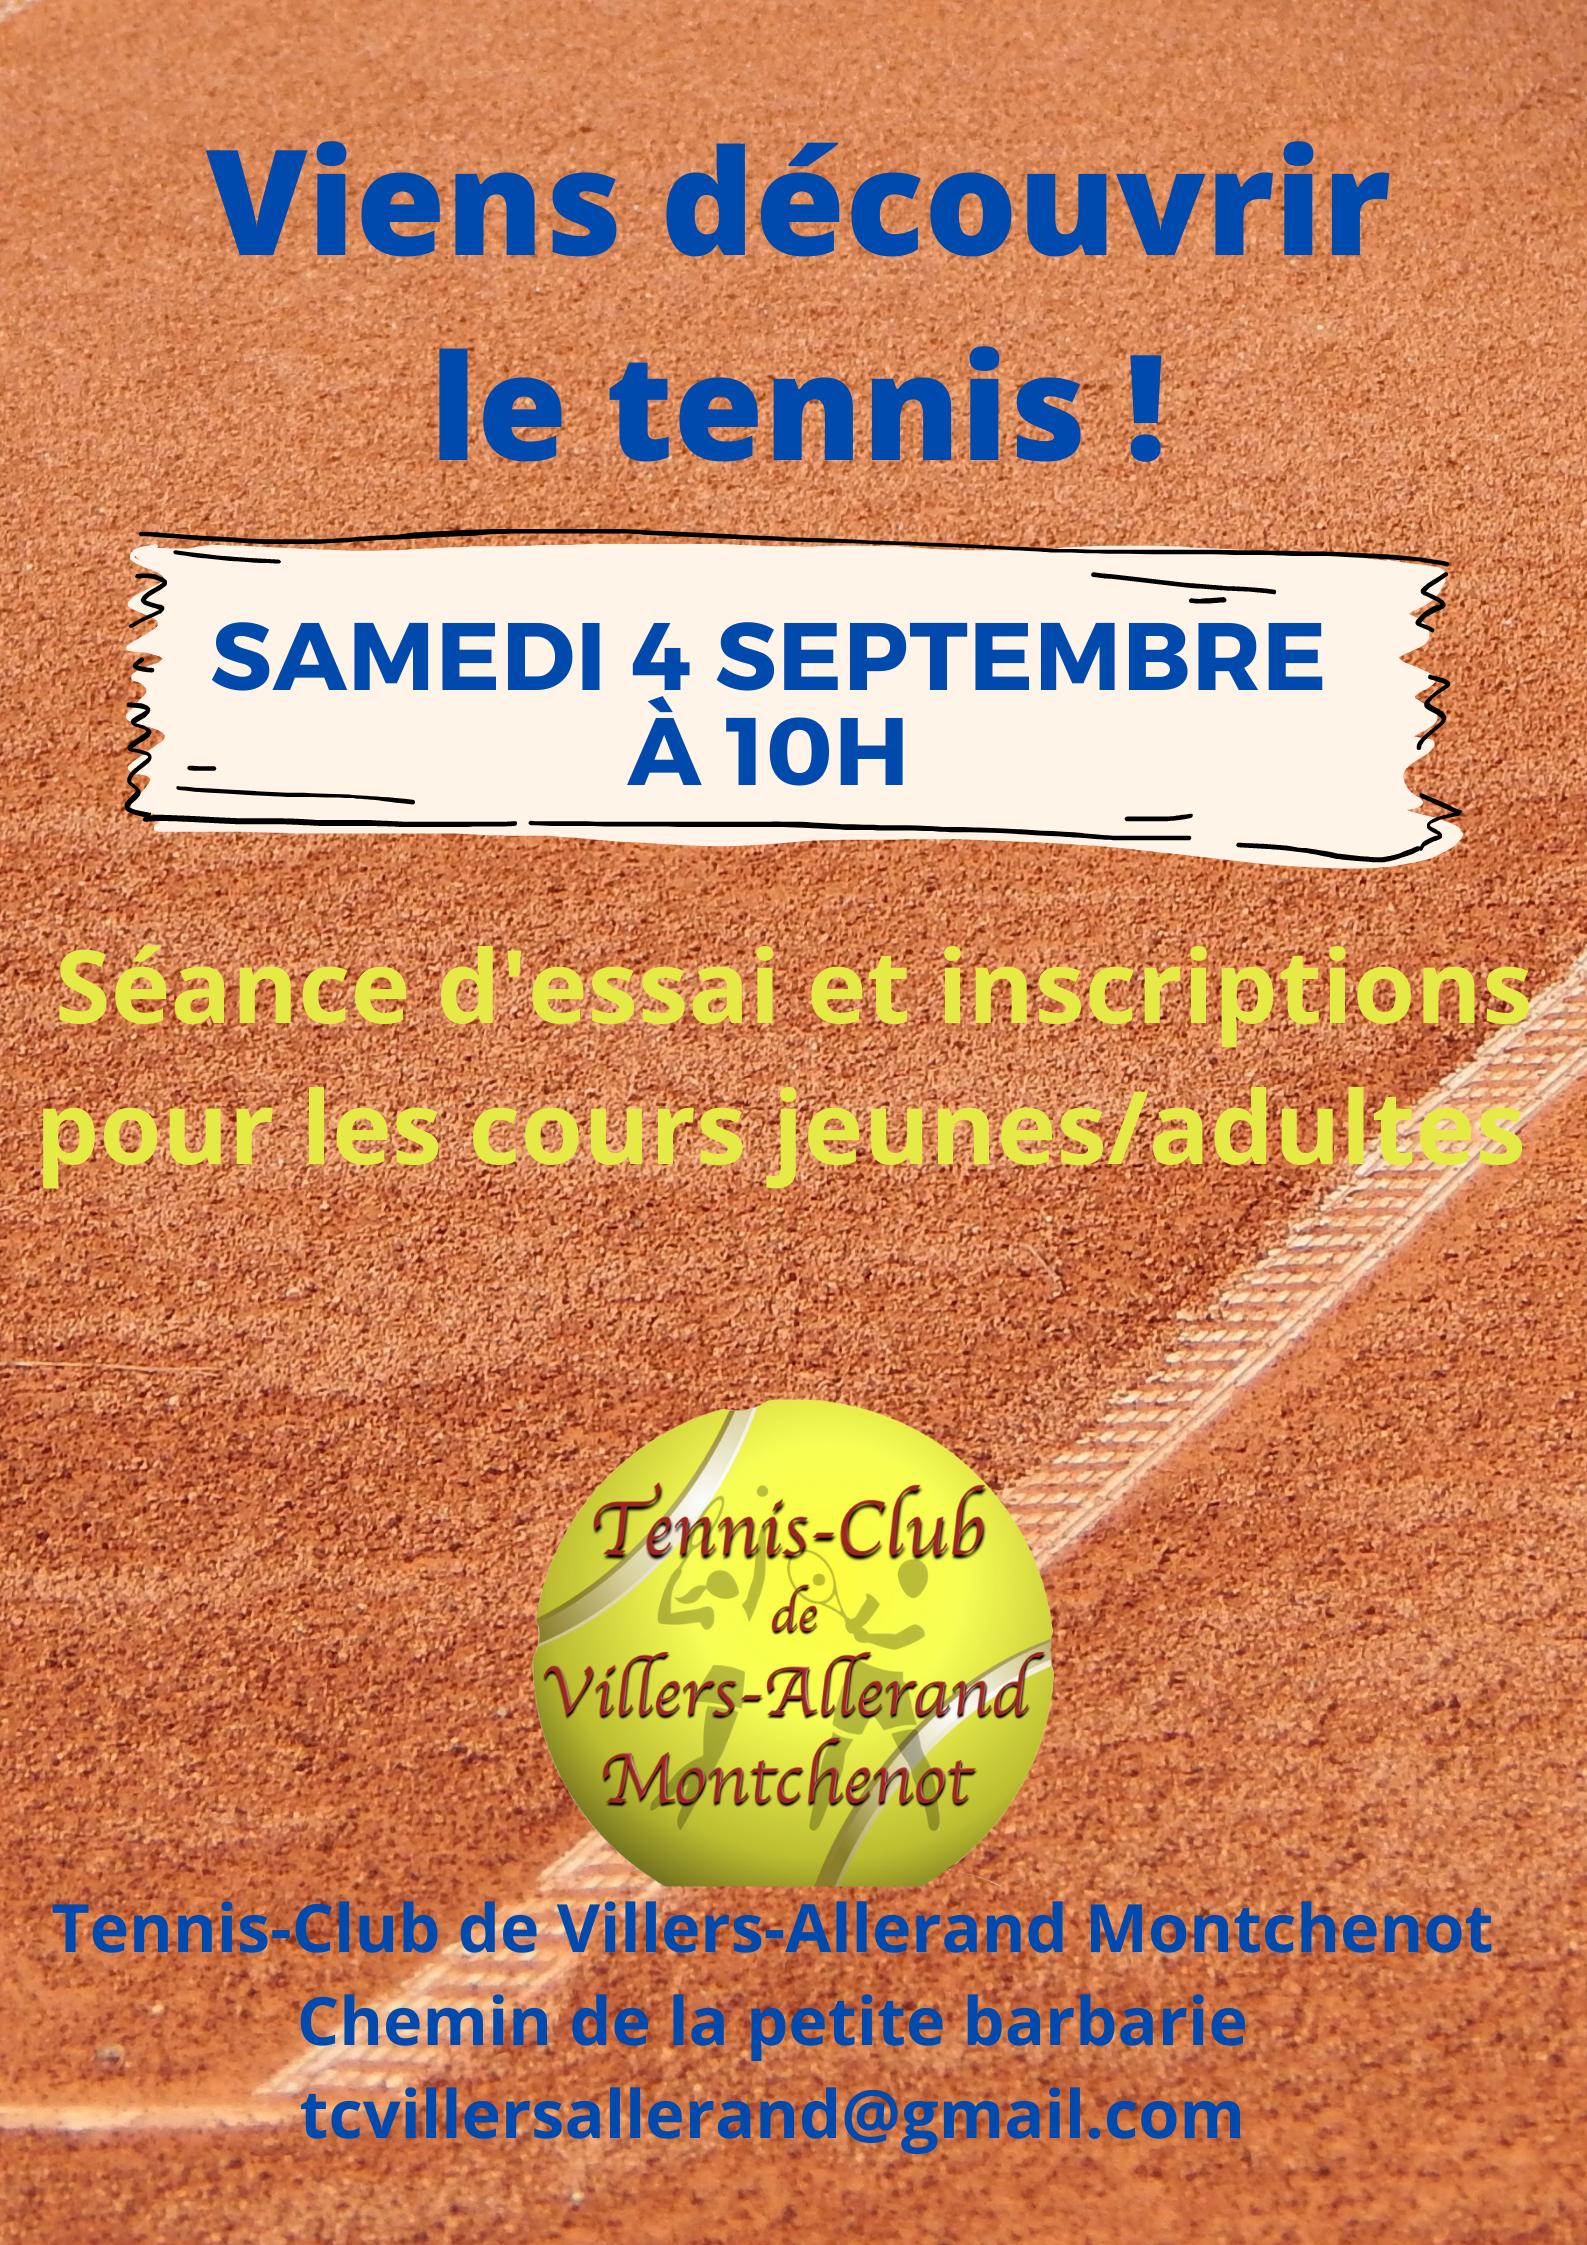 Tennis-Club : Essai et inscriptions cours @ Tennis-Club | Villers-Allerand | Grand Est | France